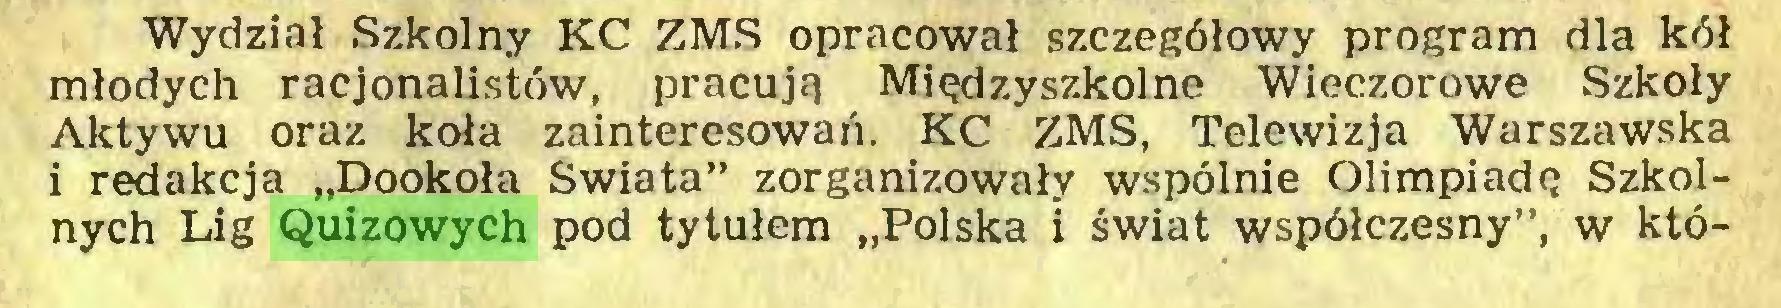 """(...) Wydział Szkolny KC ZMS opracował szczegółowy program dla kół młodych racjonalistów, pracują Międzyszkolne Wieczorowe Szkoły Aktywu oraz koła zainteresowań. KC ZMS, Telewizja Warszawska i redakcja """"Dookoła Świata"""" zorganizowały wspólnie Olimpiadę Szkolnych Lig Quizowych pod tytułem """"Polska i świat współczesny"""", w któ..."""